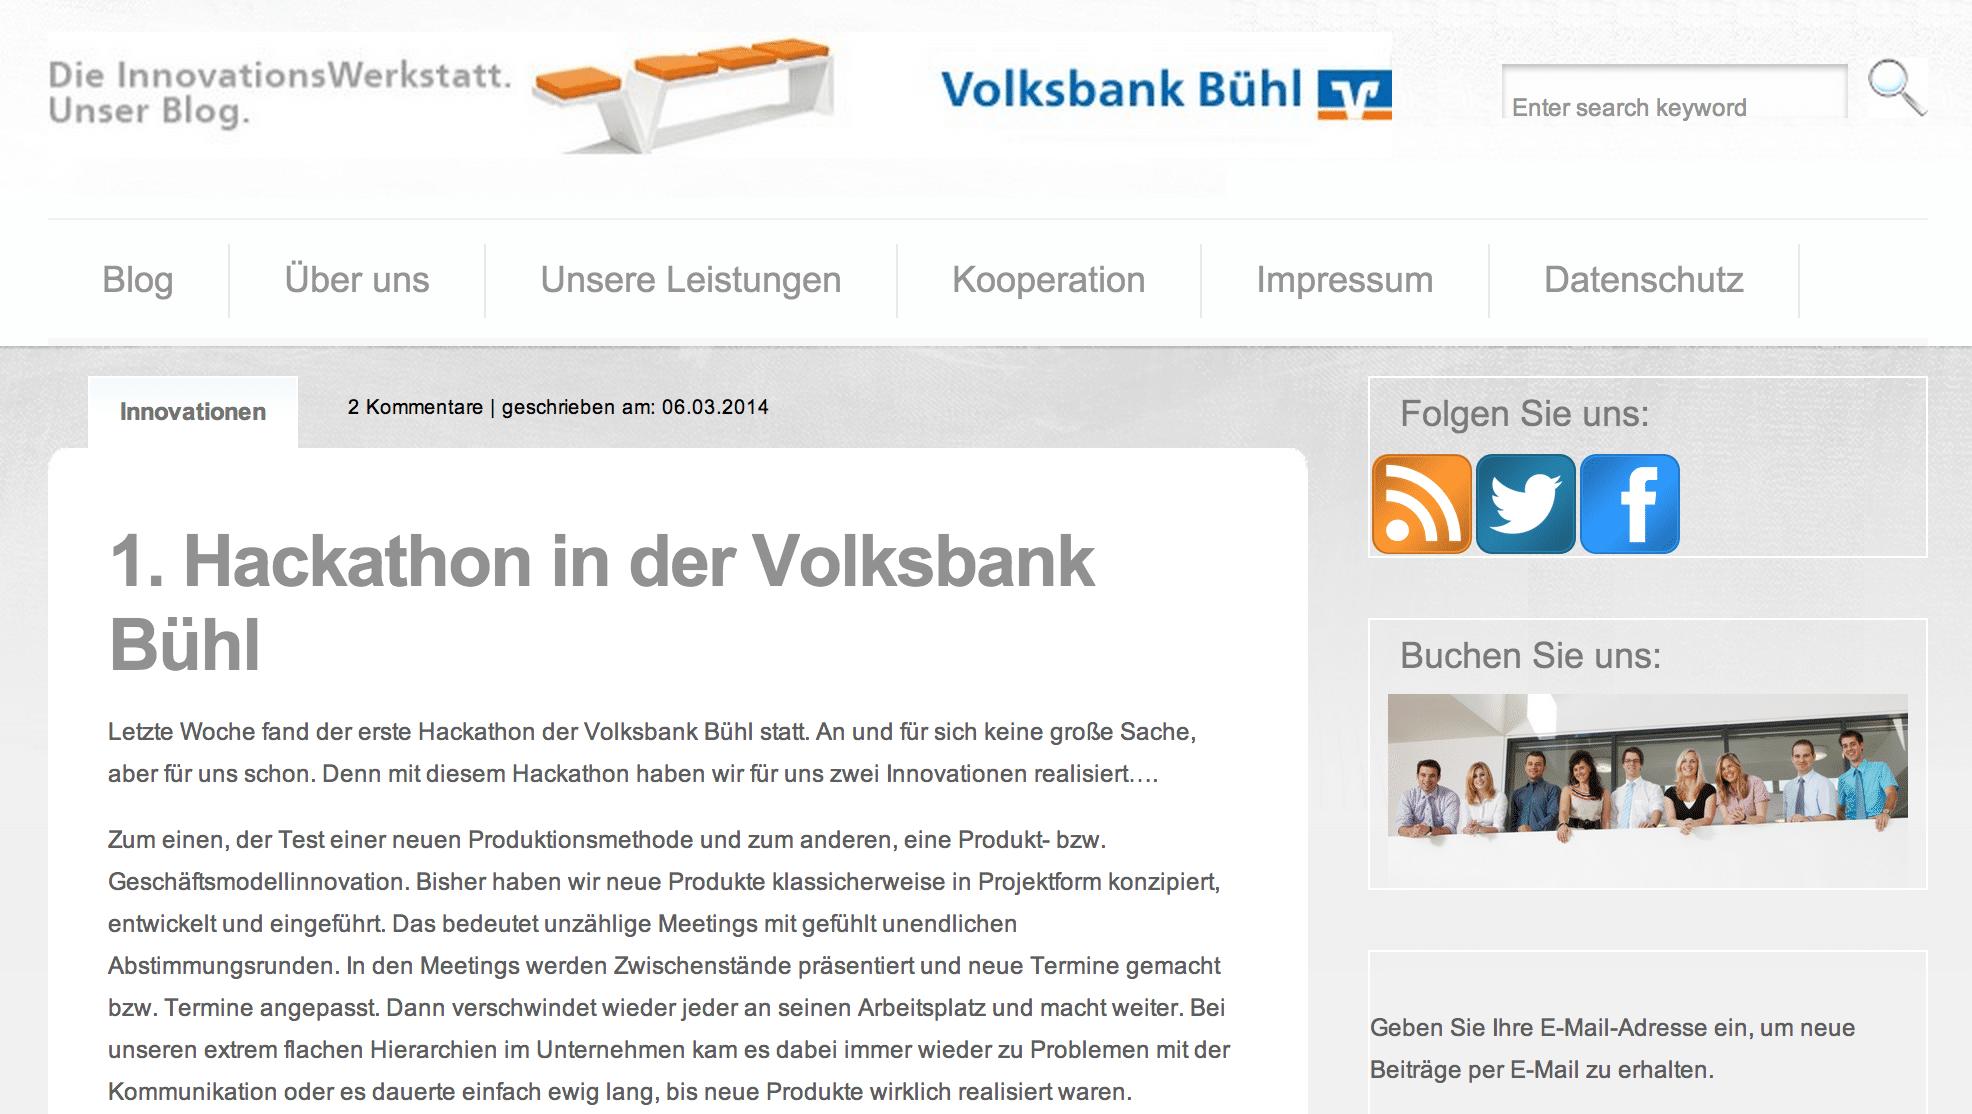 Vorbild für Banken - Volksbank Bühl 15.03.2014